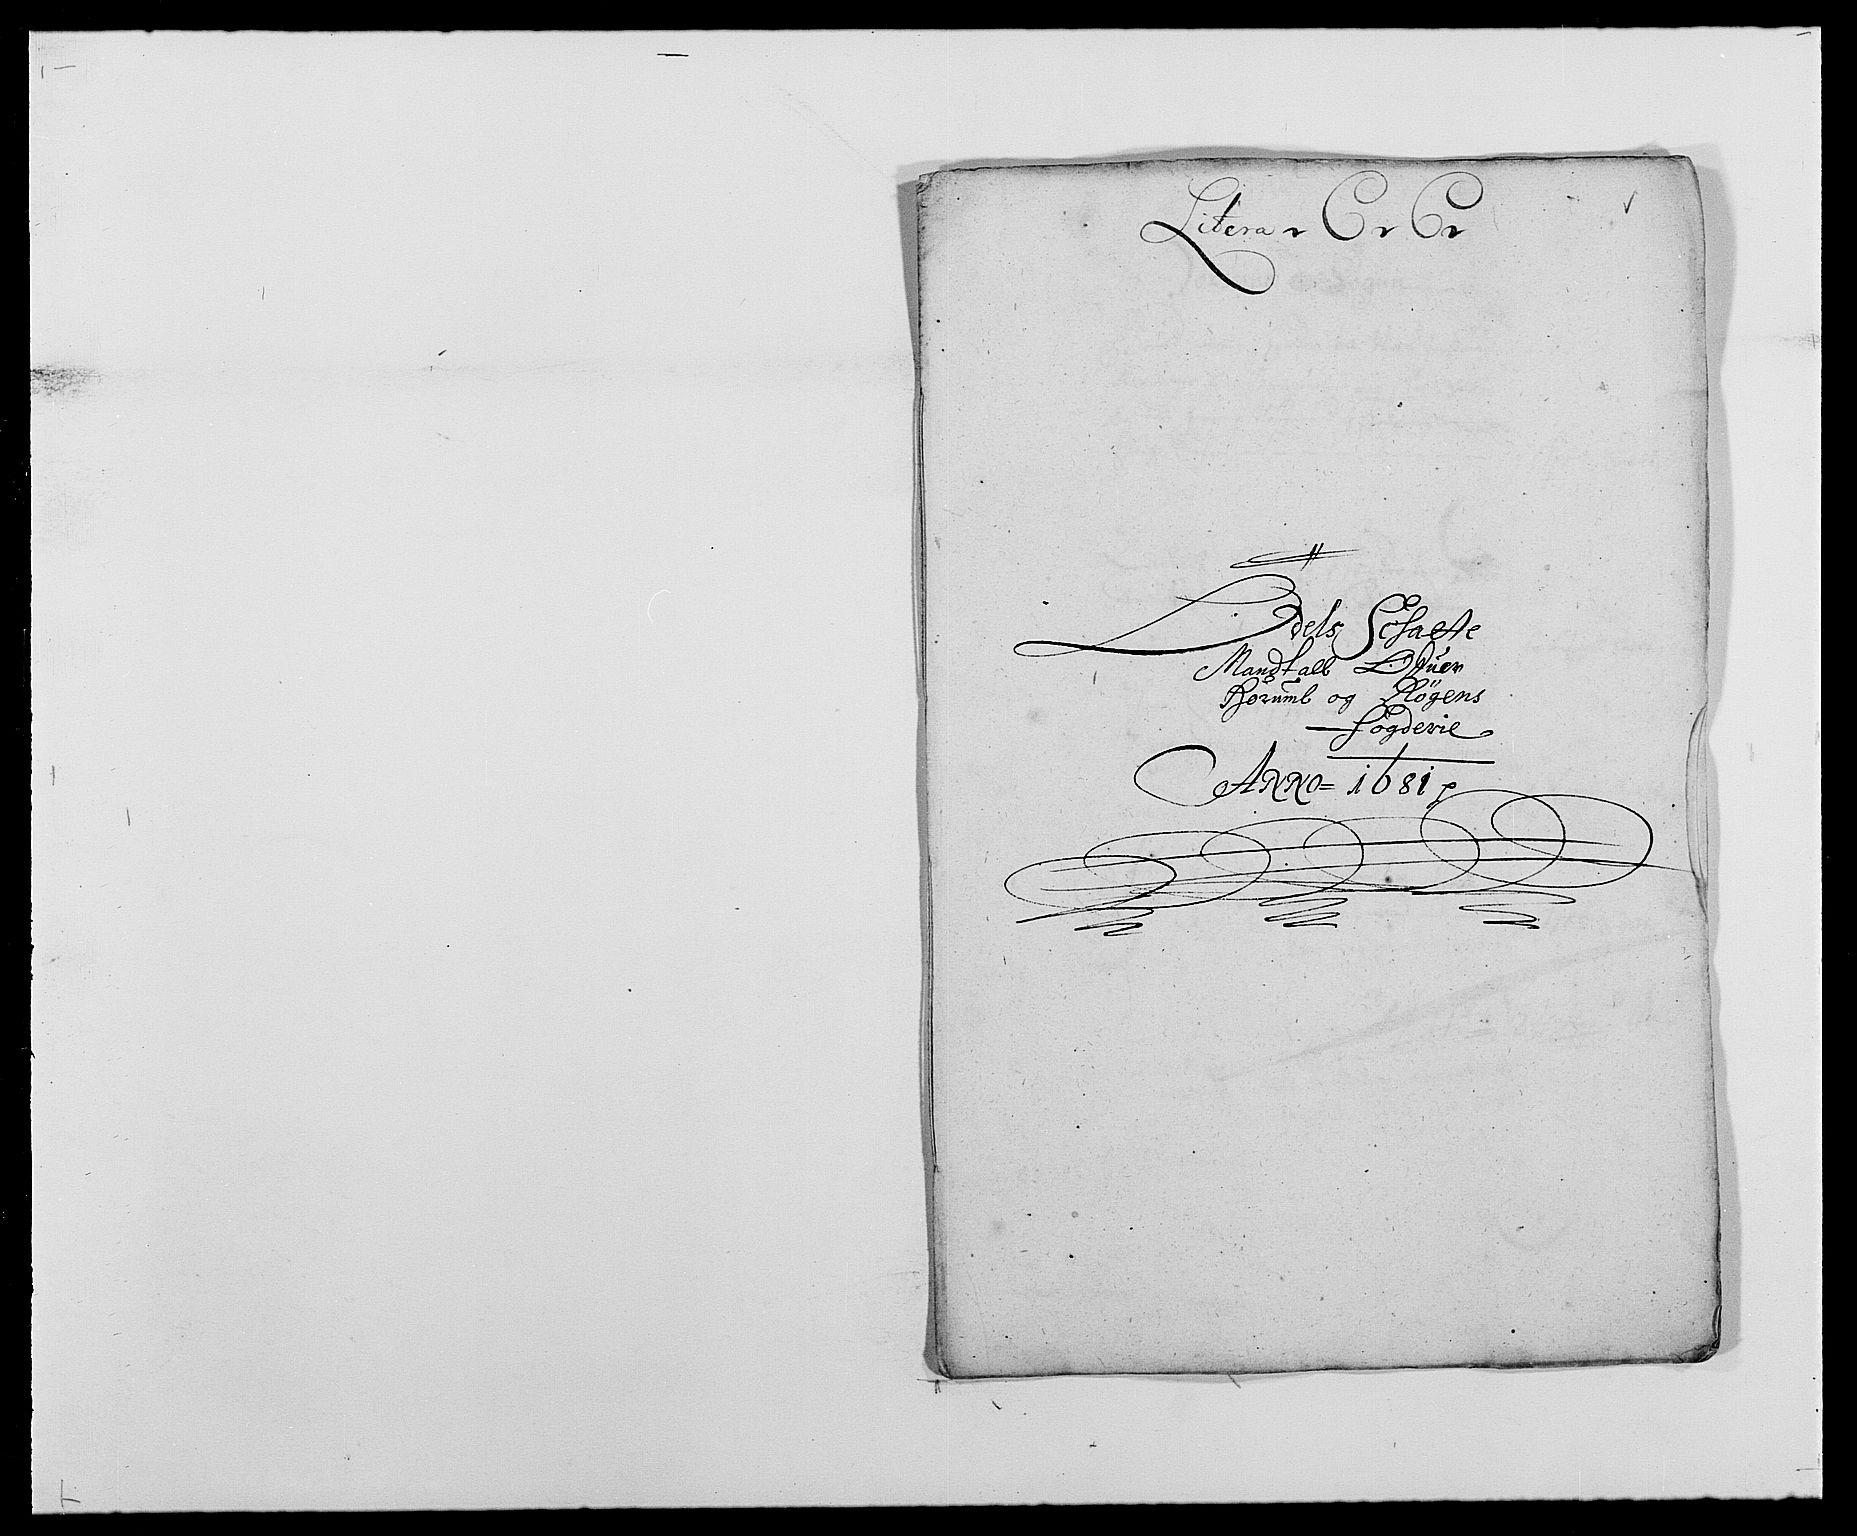 RA, Rentekammeret inntil 1814, Reviderte regnskaper, Fogderegnskap, R29/L1691: Fogderegnskap Hurum og Røyken, 1678-1681, s. 390